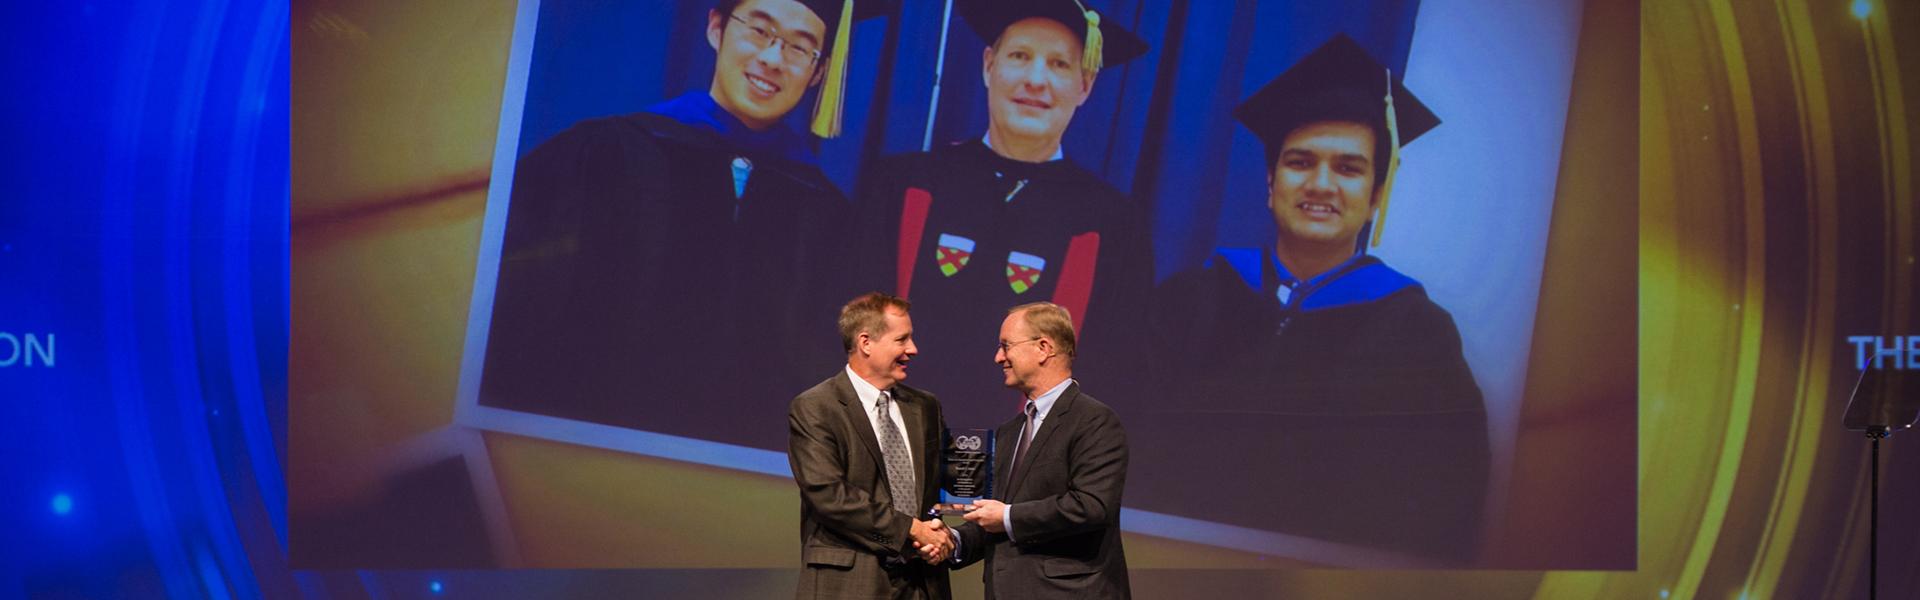 Faculty Receiving Award